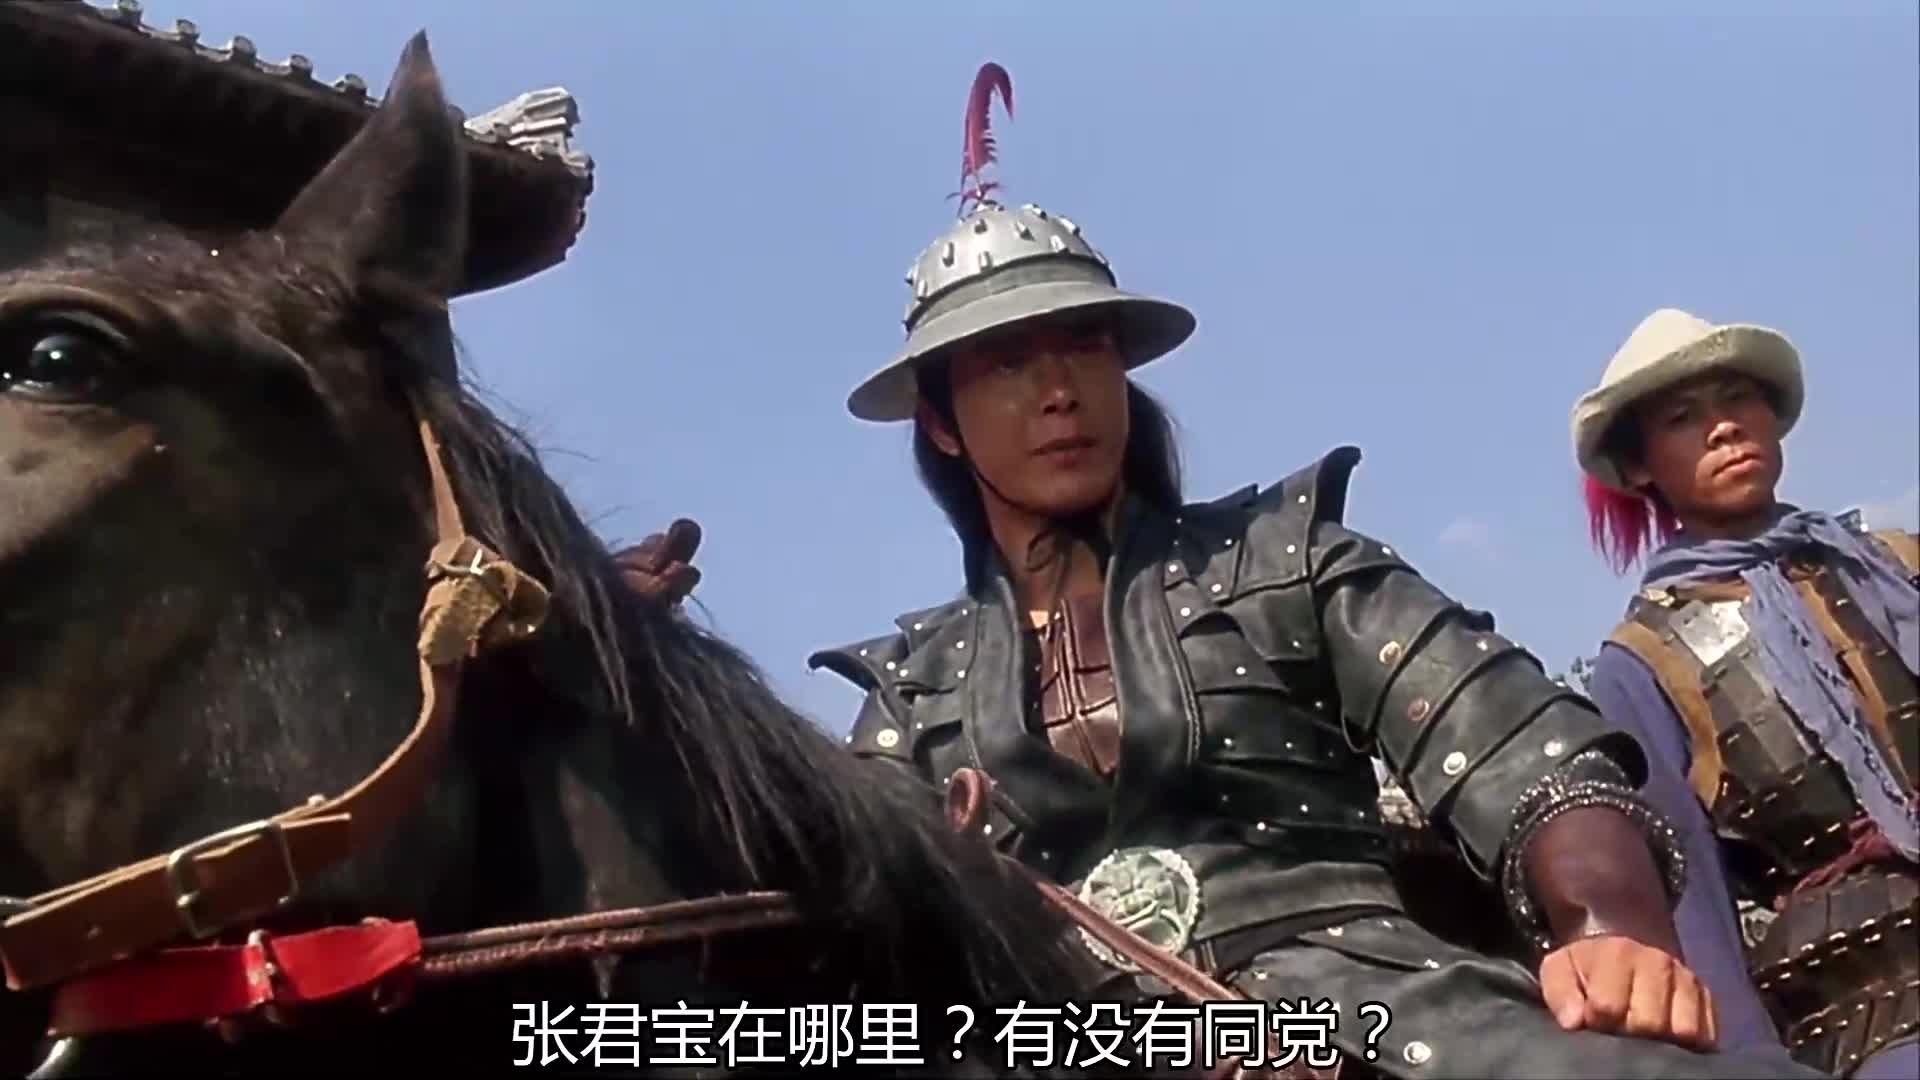 #太极张三丰#钱小豪最遭人恨的角色,滥杀无辜,真是少林寺出来的?